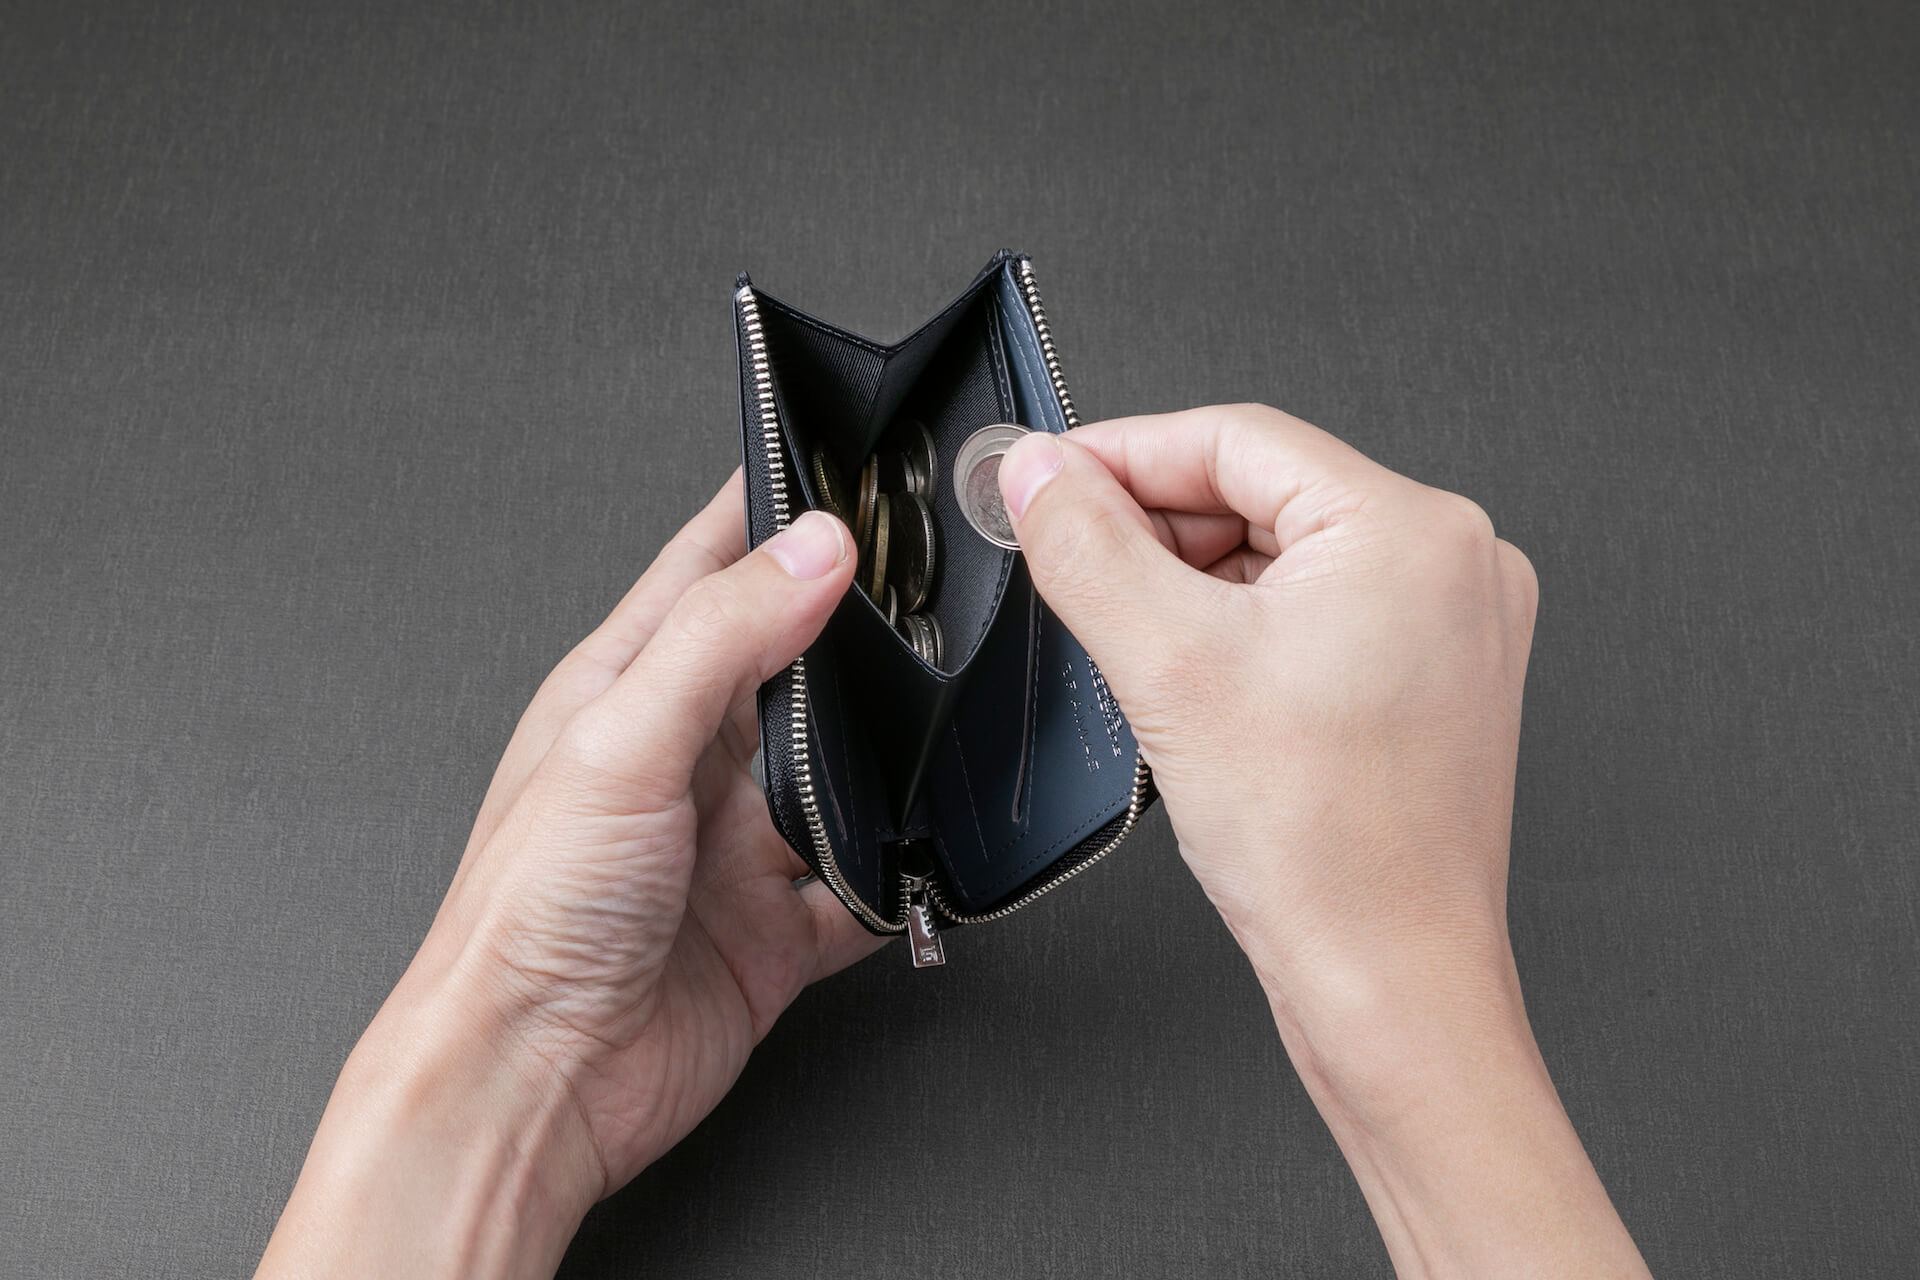 『デス・ストランディング』小島秀夫監督率いるコジマプロダクションのコラボミニ財布が追加販売決定! life191203_kojimaproduction_9